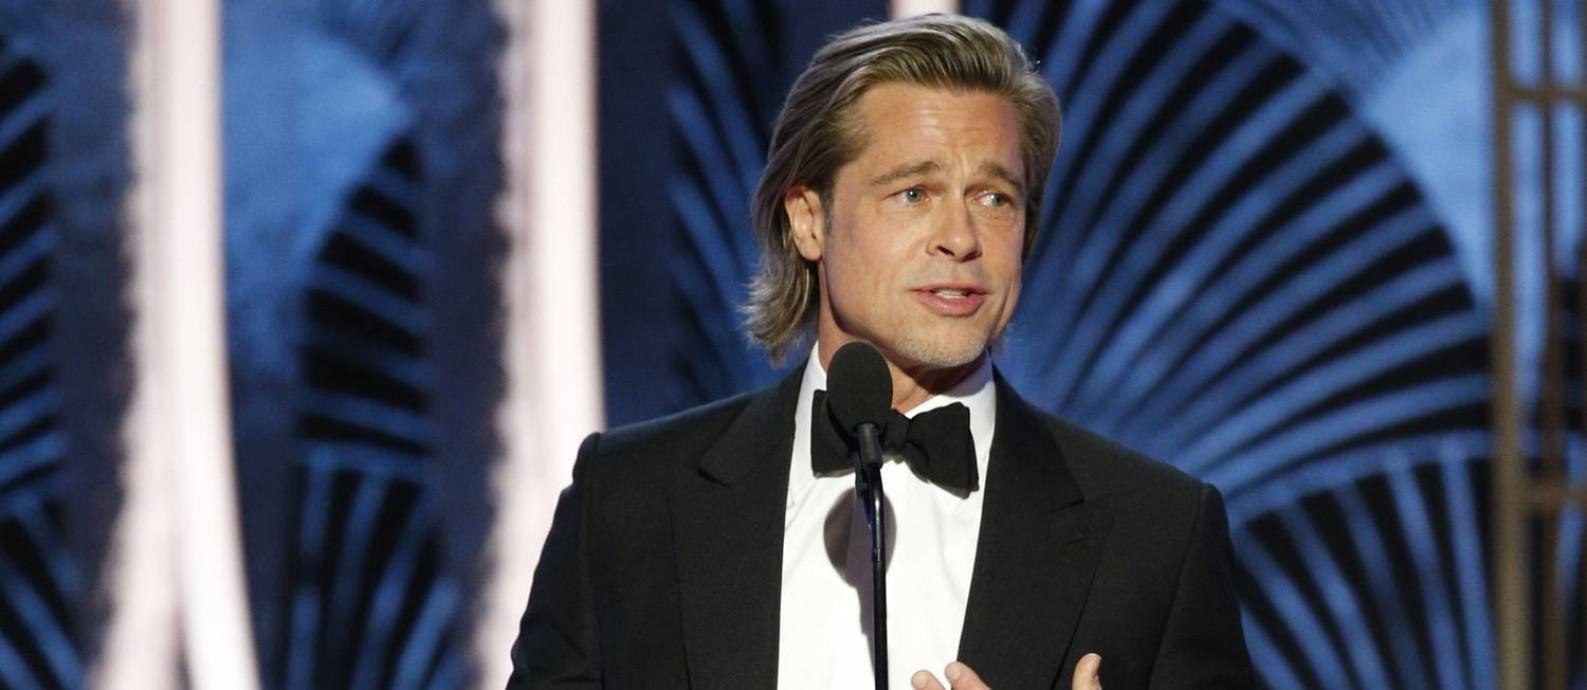 Brad Pitt no Globo de Ouro: favorito ao Oscar, ator caprichou nas piadas nos discursos desta temporada Foto: HANDOUT / Reuters